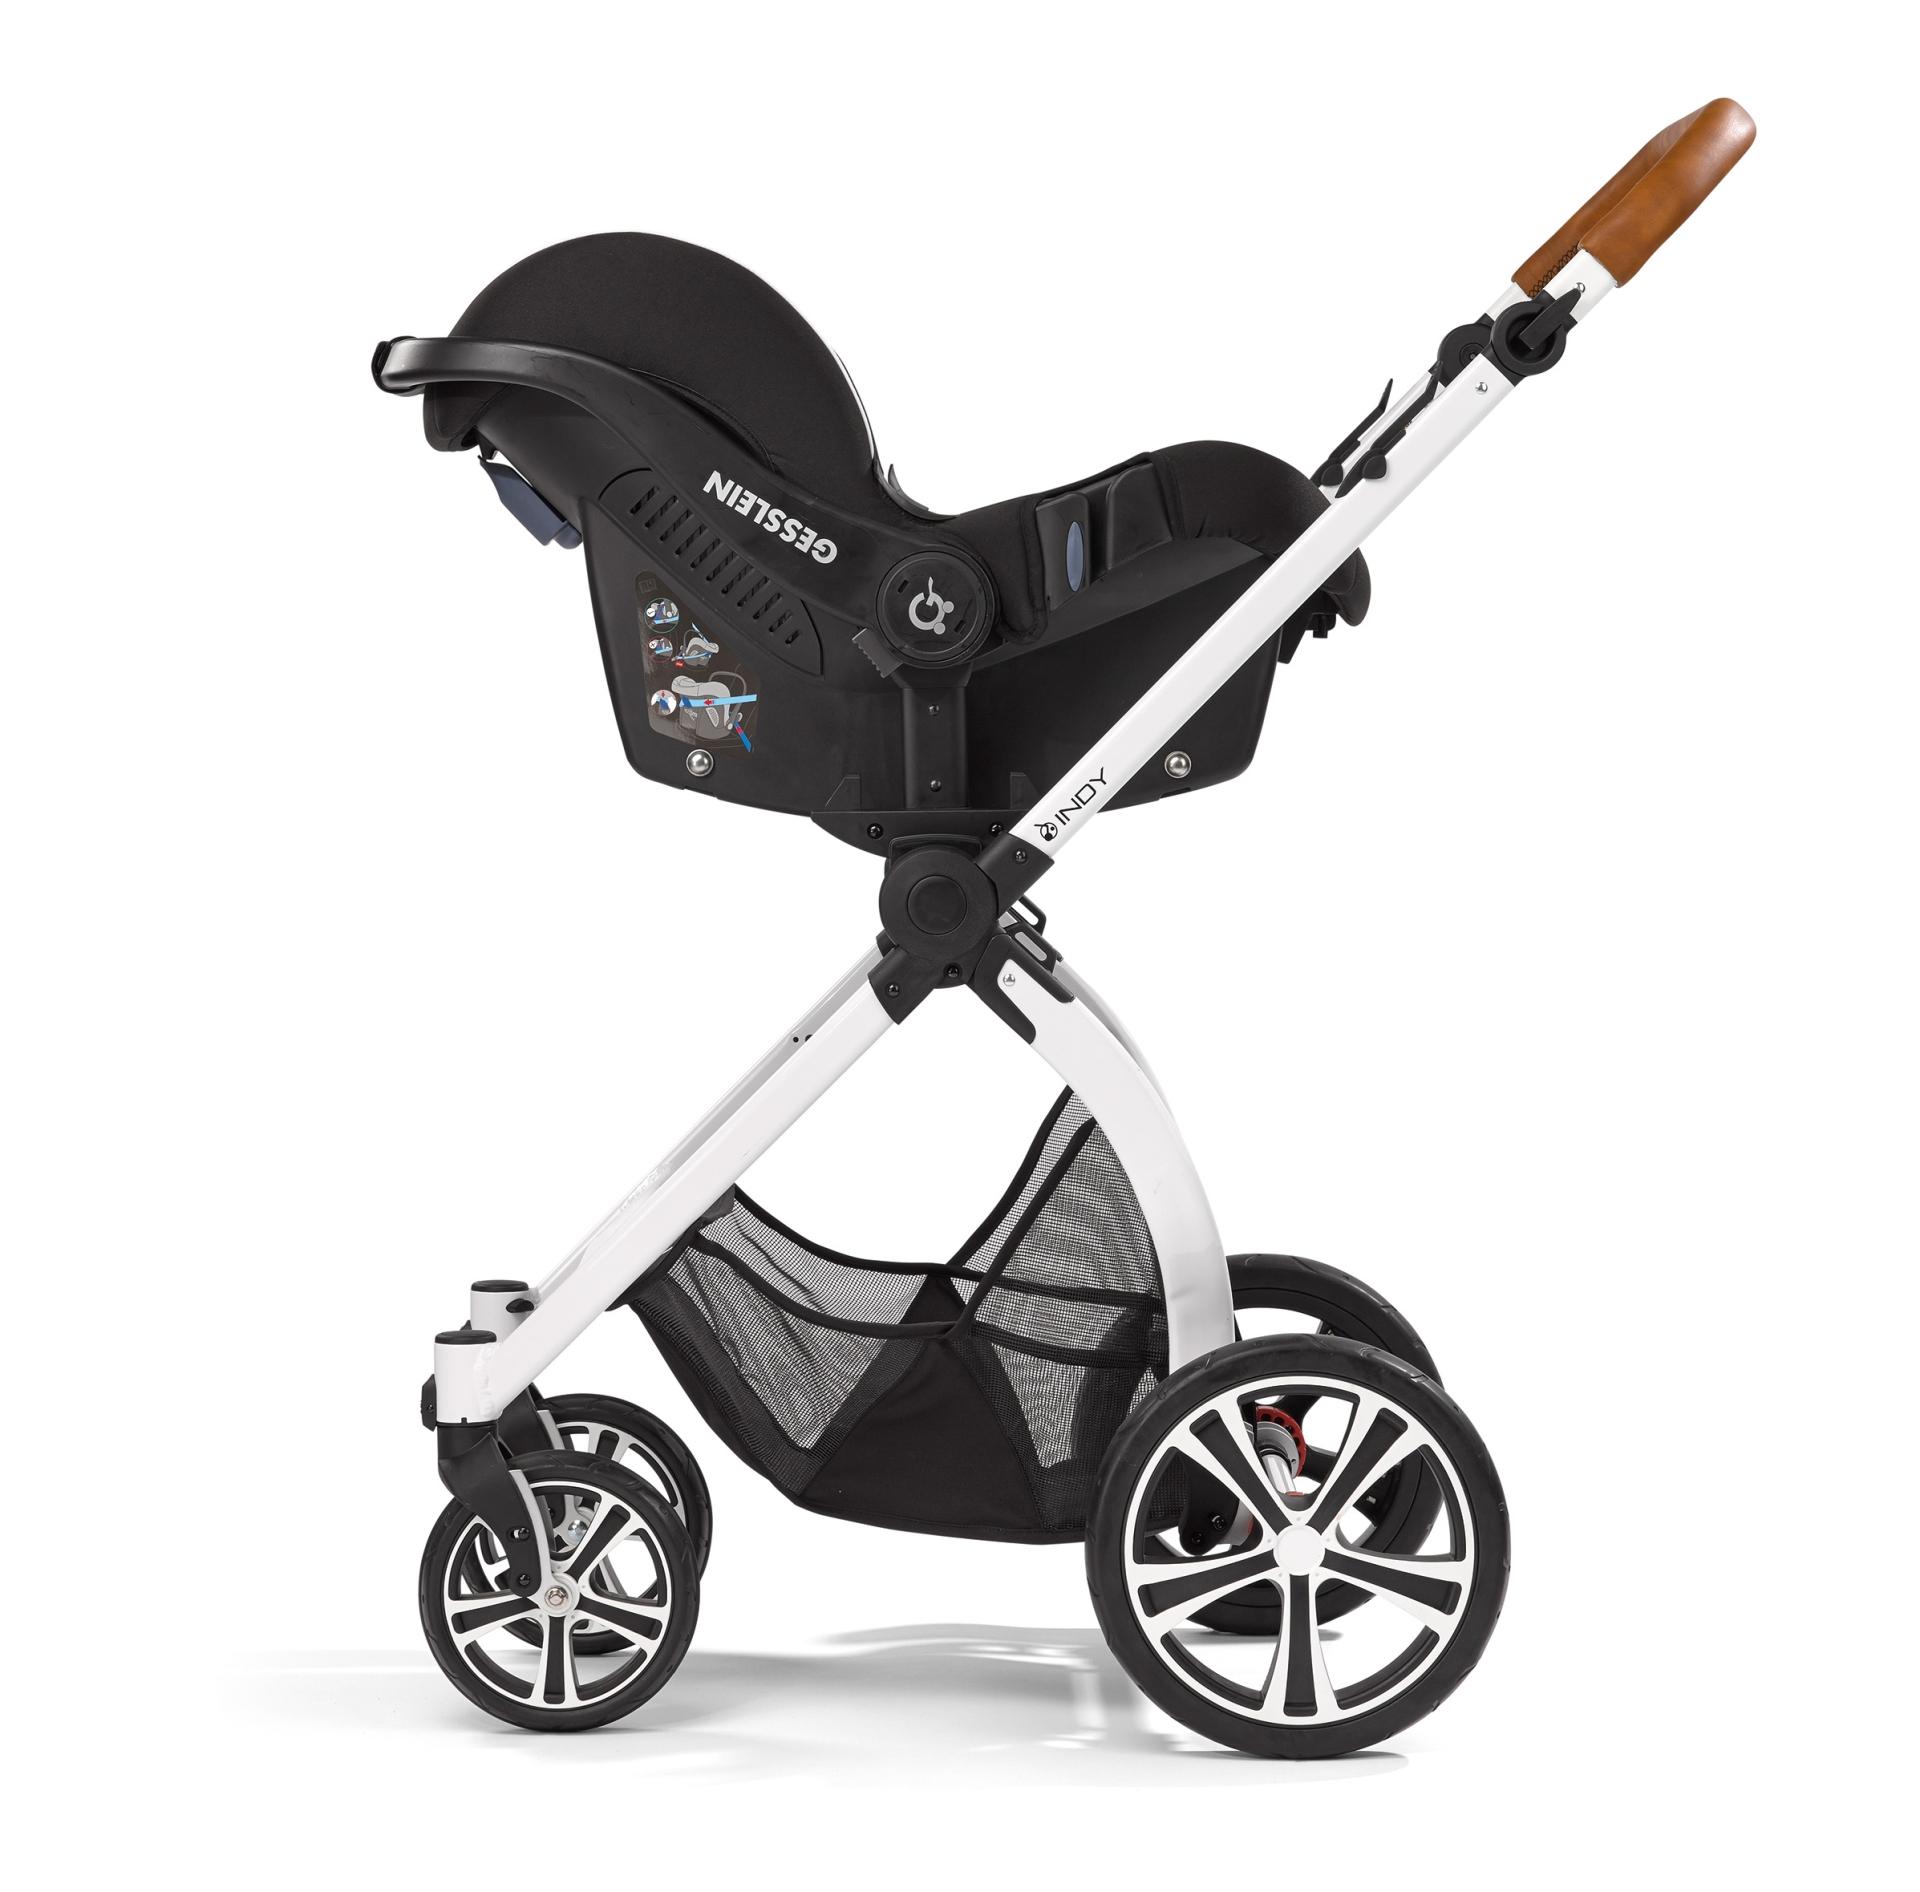 indy adapter f r babyschalen by gesslein 2016 r mer online kaufen bei kidsroom kinderwagen. Black Bedroom Furniture Sets. Home Design Ideas